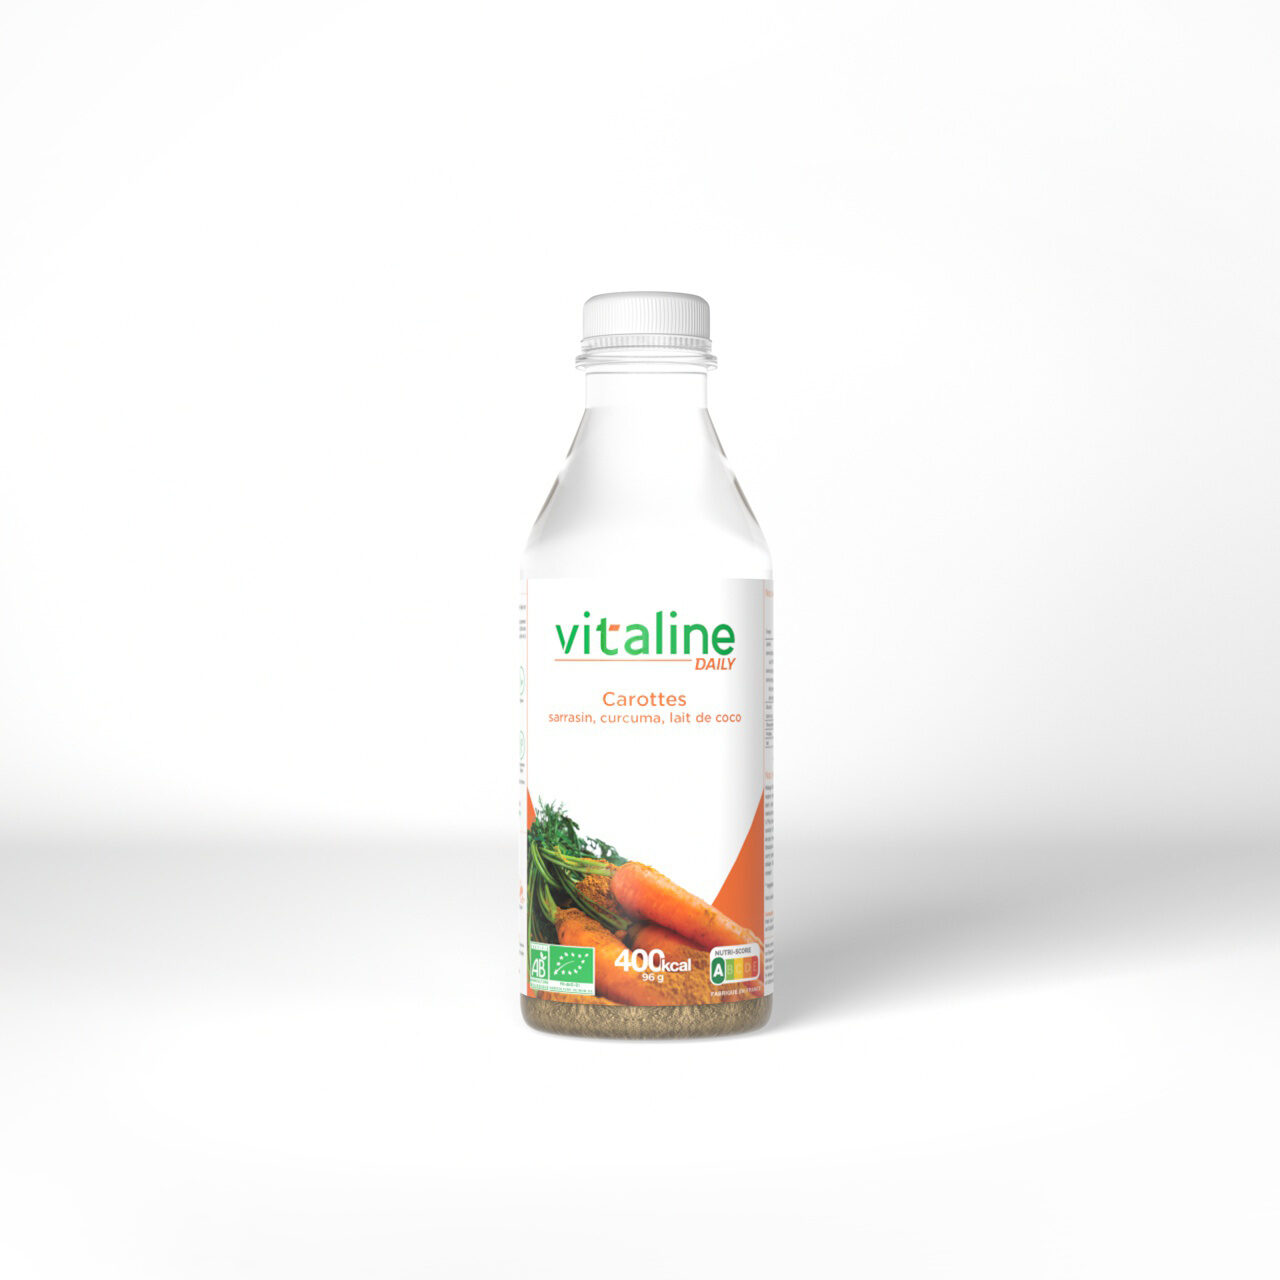 Vitaline Carottes, sarrasin, curcuma, lait de coco - Product